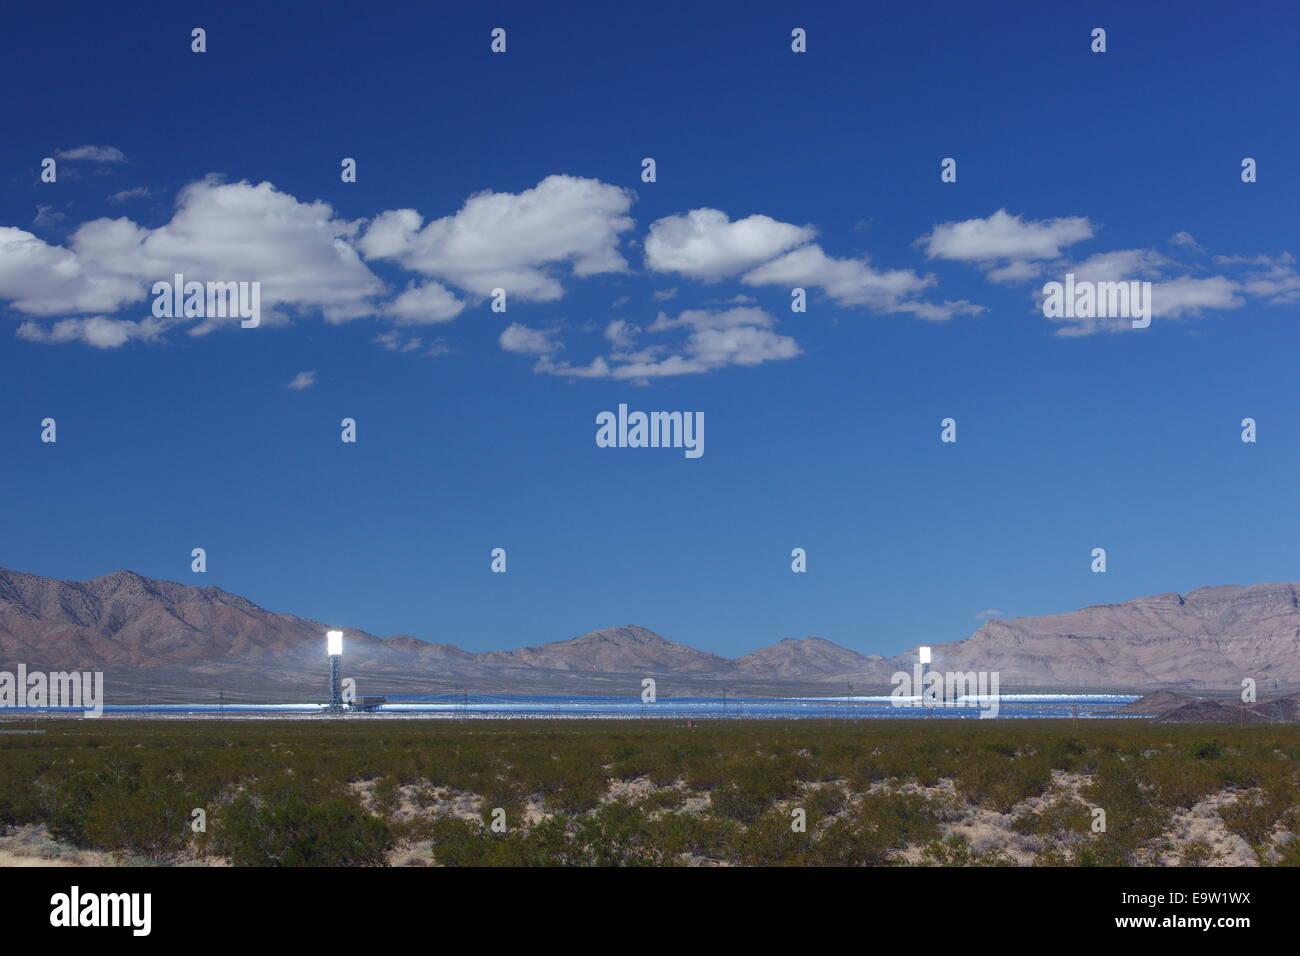 Projet d'énergie thermique solaire Ivanpah, près de Boulder City, California, USA Photo Stock